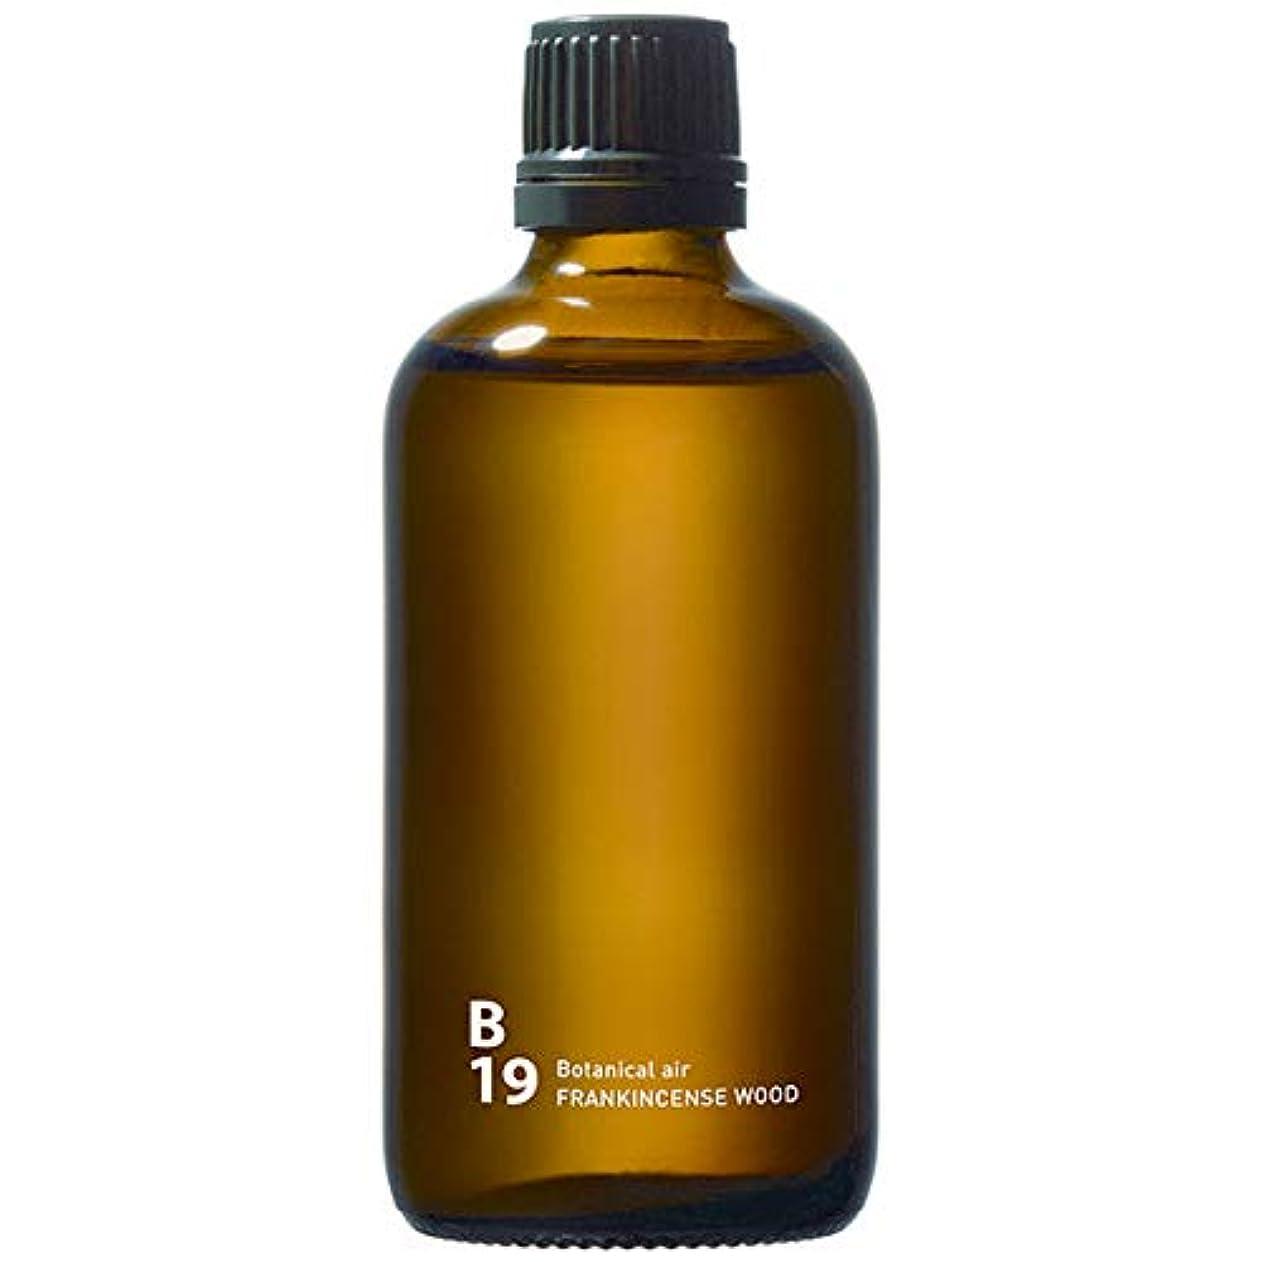 ロック解除支店憂鬱B19 FRANKINCENSE WOOD piezo aroma oil 100ml